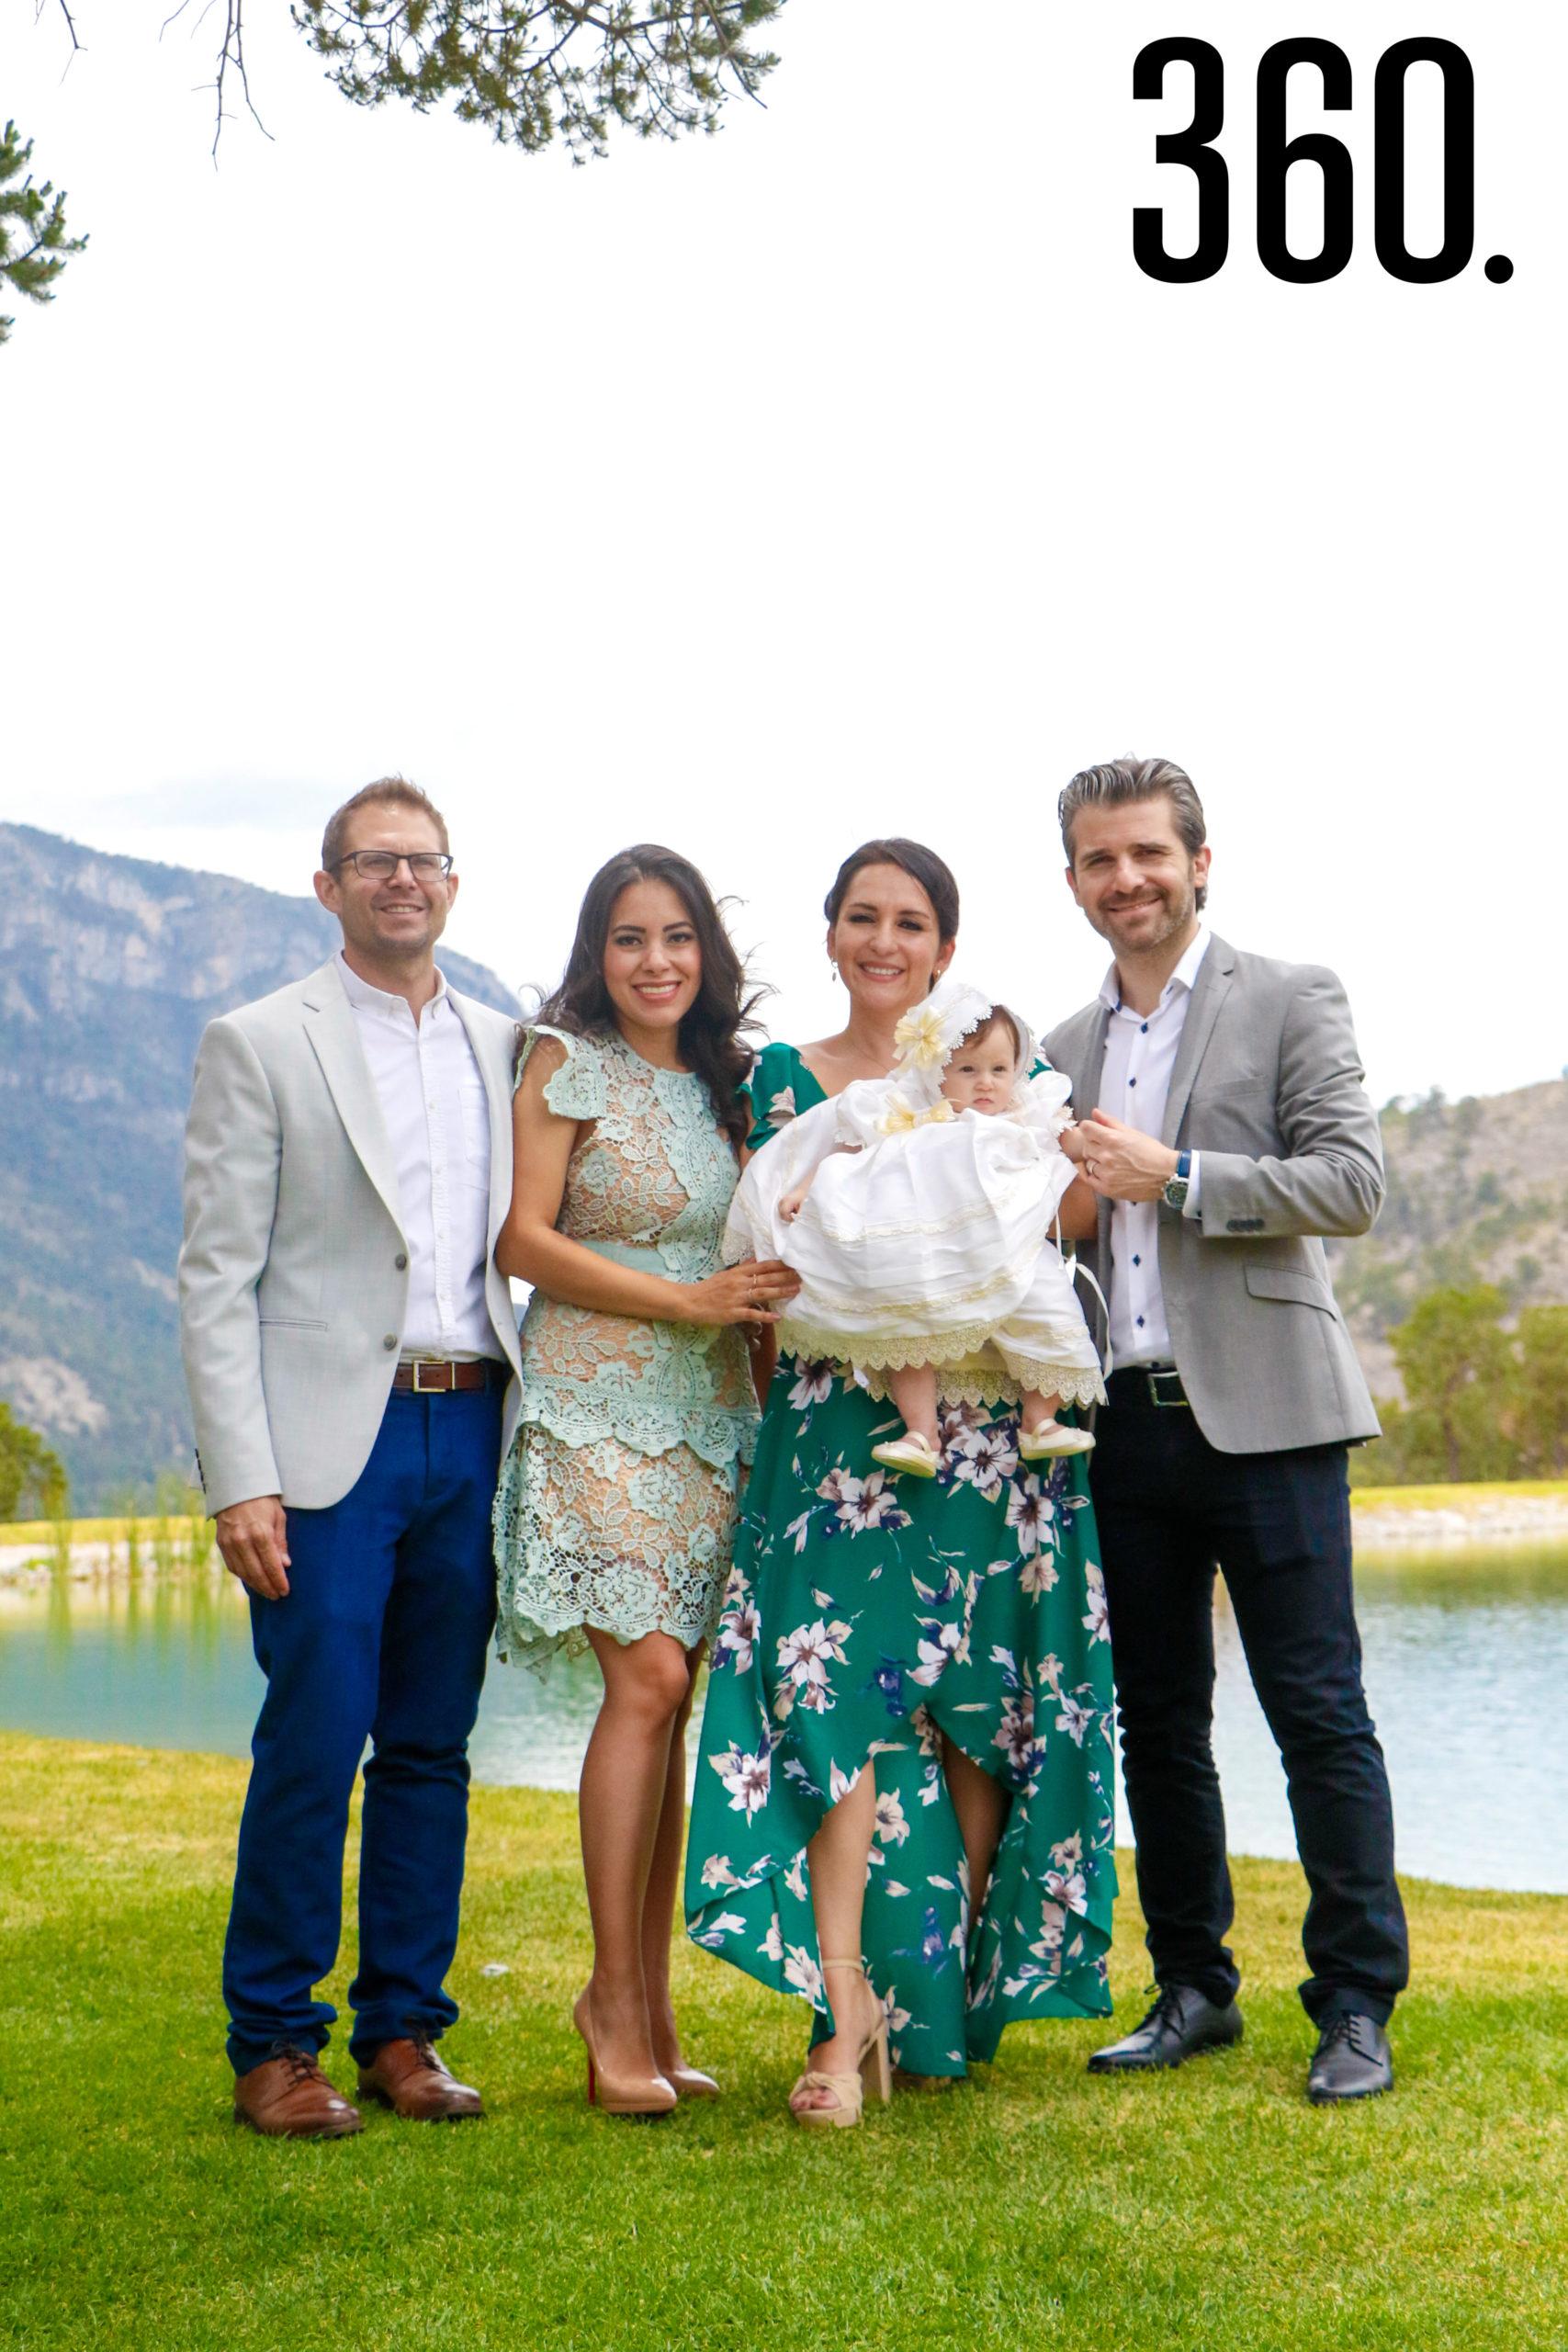 Isabella con sus padres y padrinos, Daniel James Galleher, Daniela Aguado, Erika Gallegos y Baris Emre Öztürk.